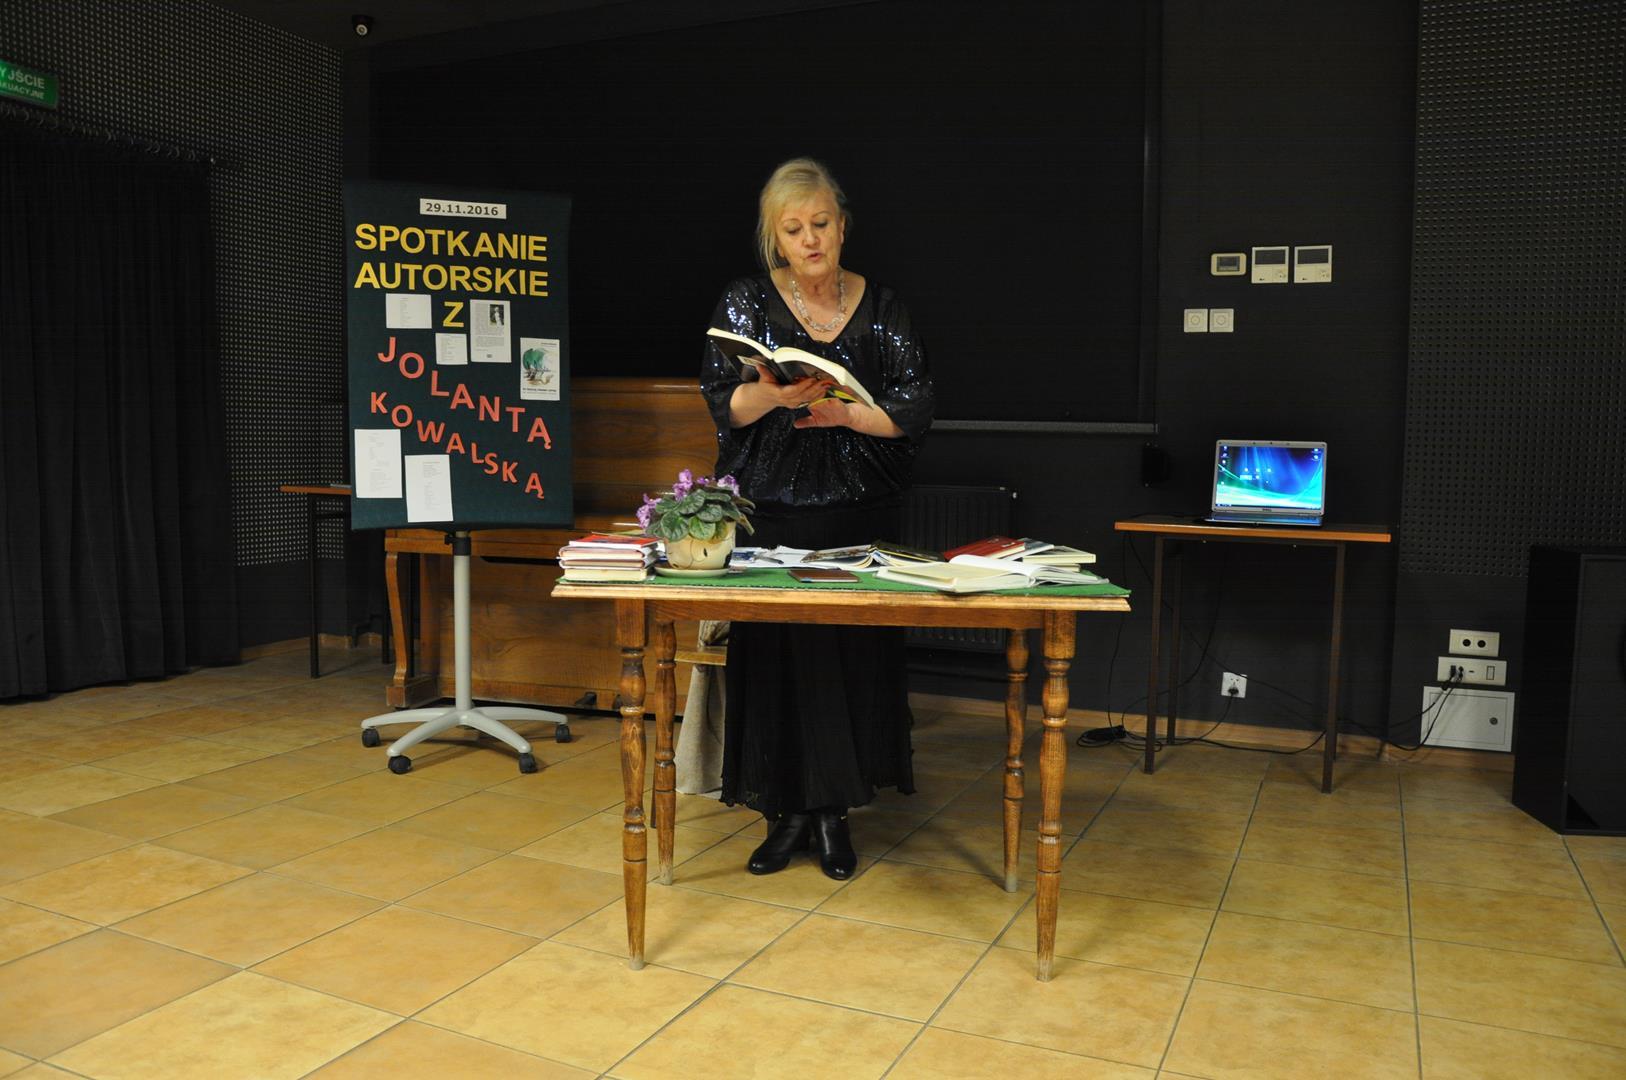 Spotkanie z poetką Jolantą Kowalską 2016